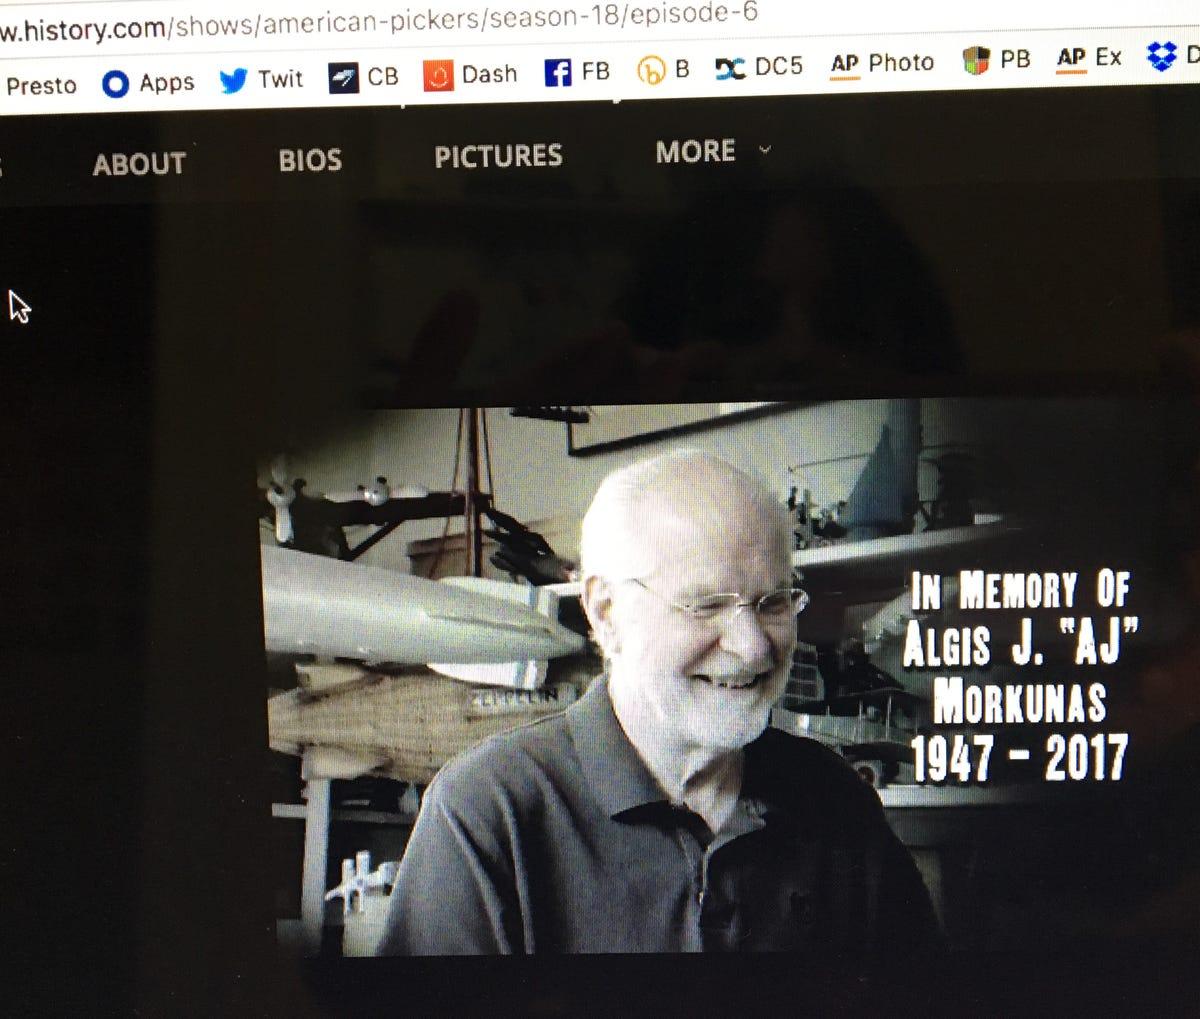 American Pickers' dedicates show to Staunton's Al Morkunas